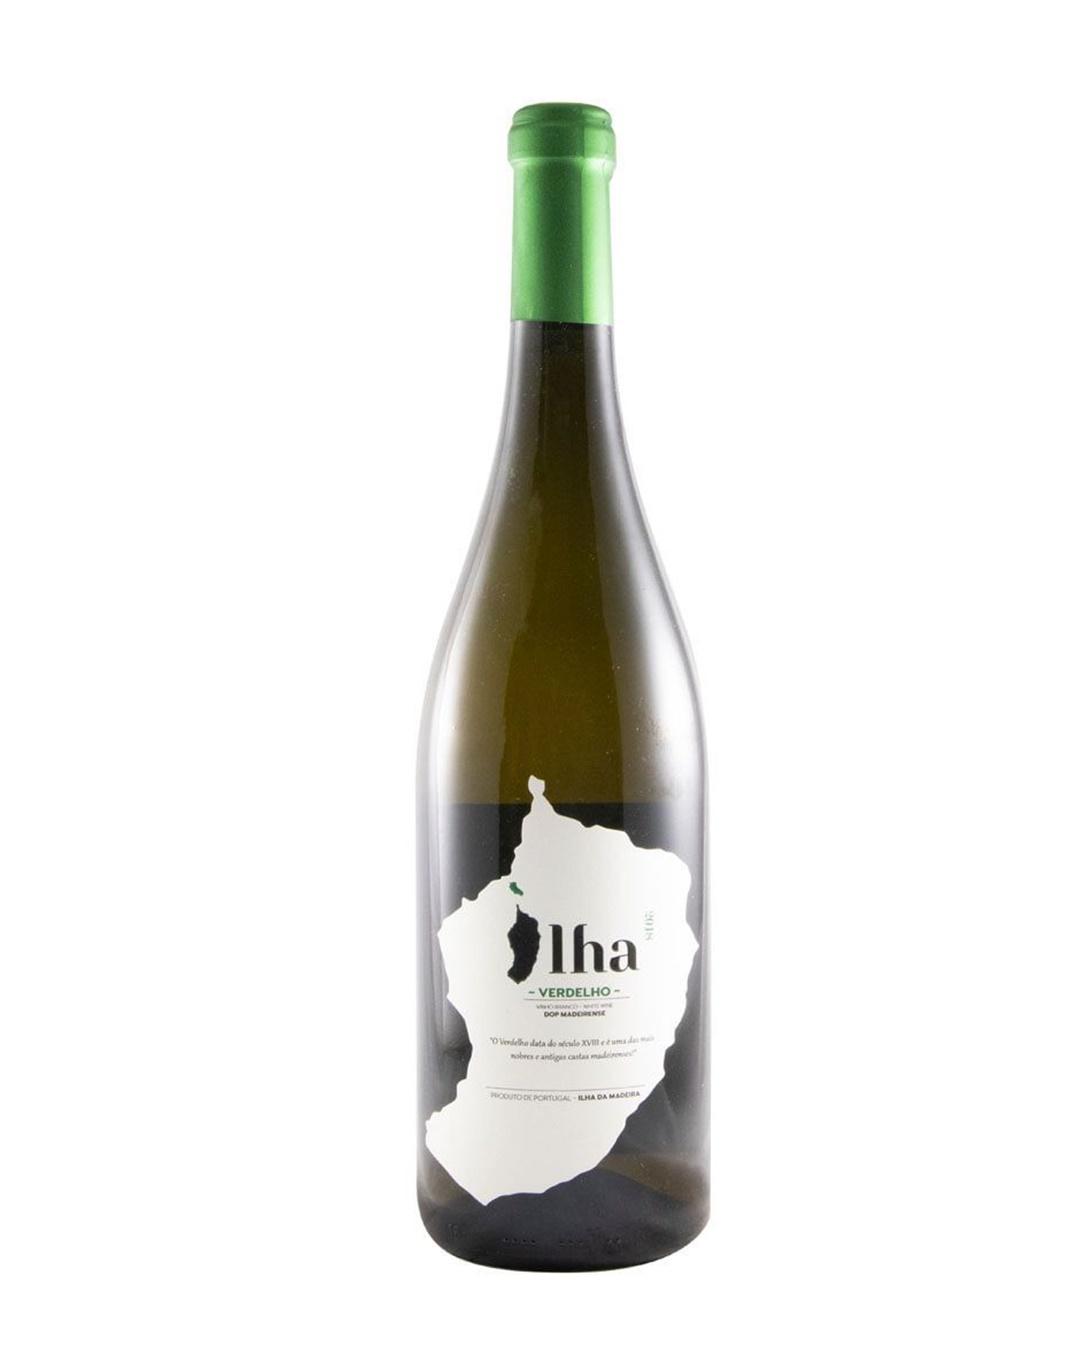 Ilha Verdelho Branco 2018 Diana Silva Wines